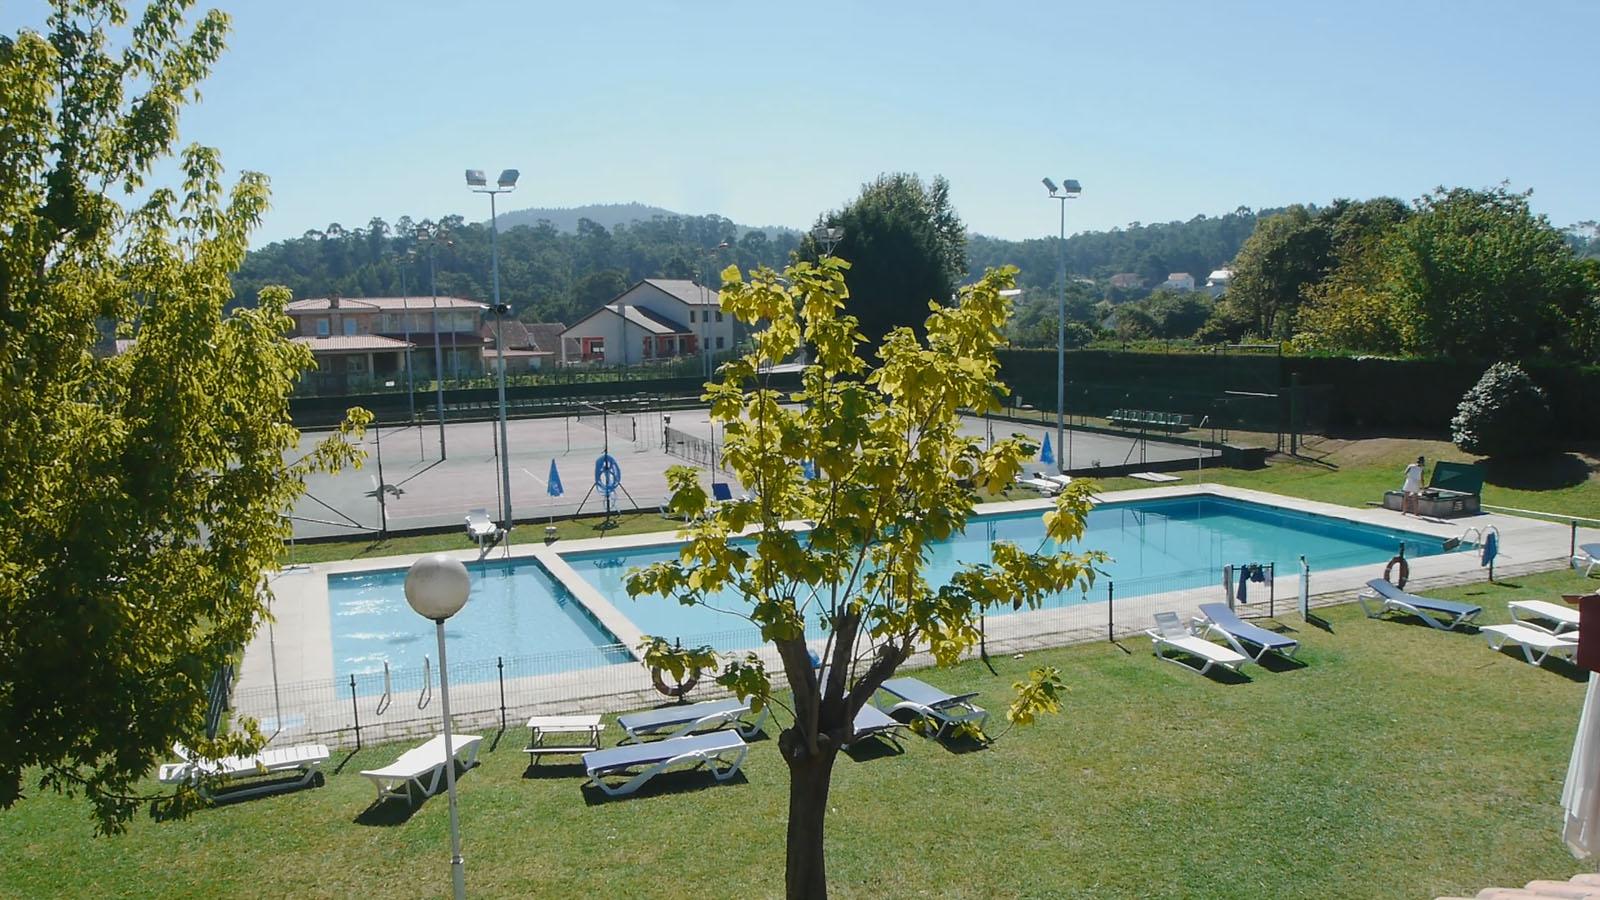 campus DMsport tenis y pádel